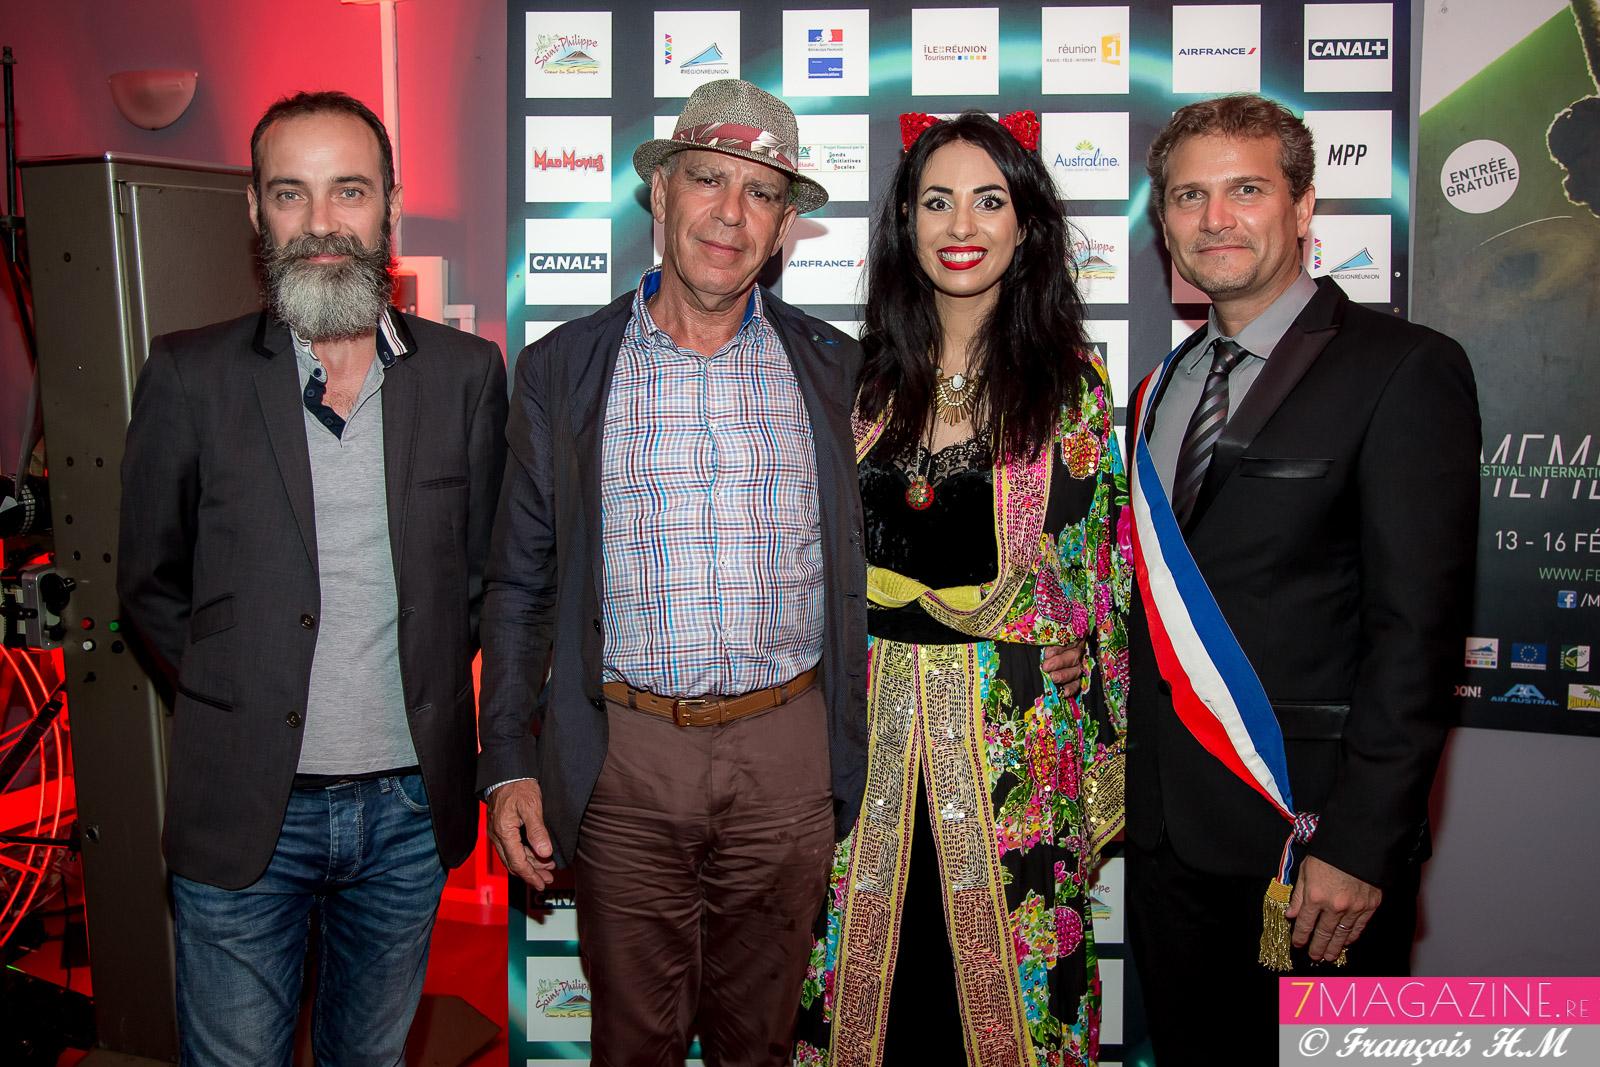 Stéphane Négrin, conseiller cinéma à la DAC OI, Marc Nouschi, directeur des Affaires Culturelles, Aurélia Mengin et Olivier Rivière